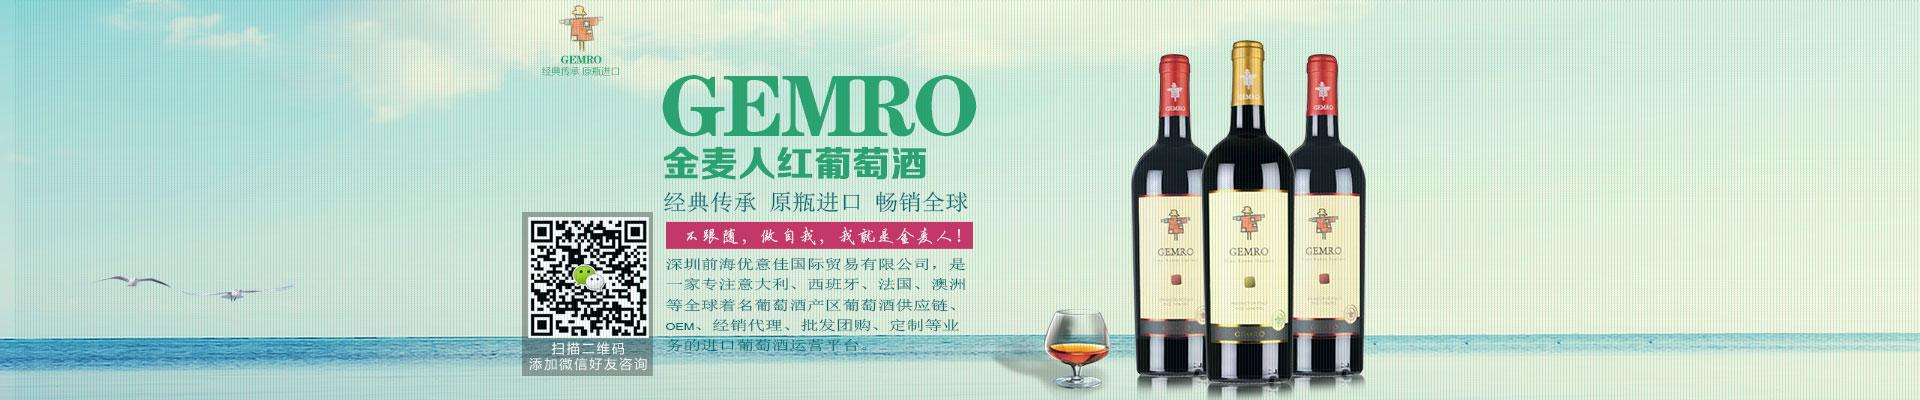 深圳前海优意佳国际贸易有限公司